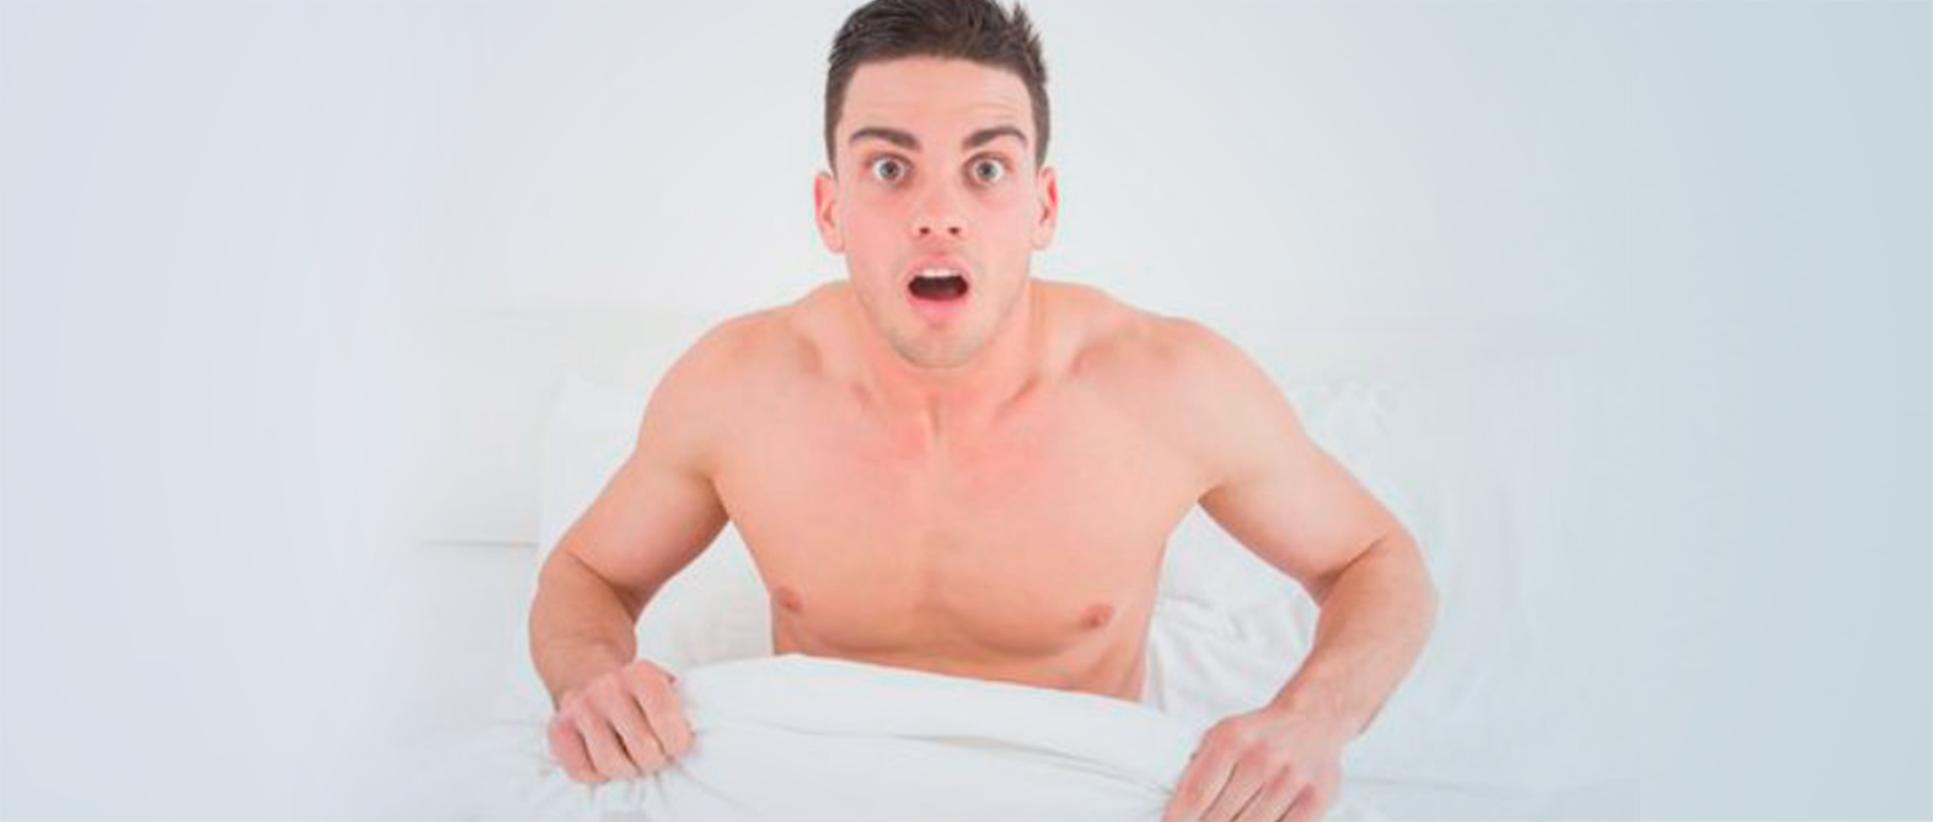 técnicas para evitar a ejaculação precoce